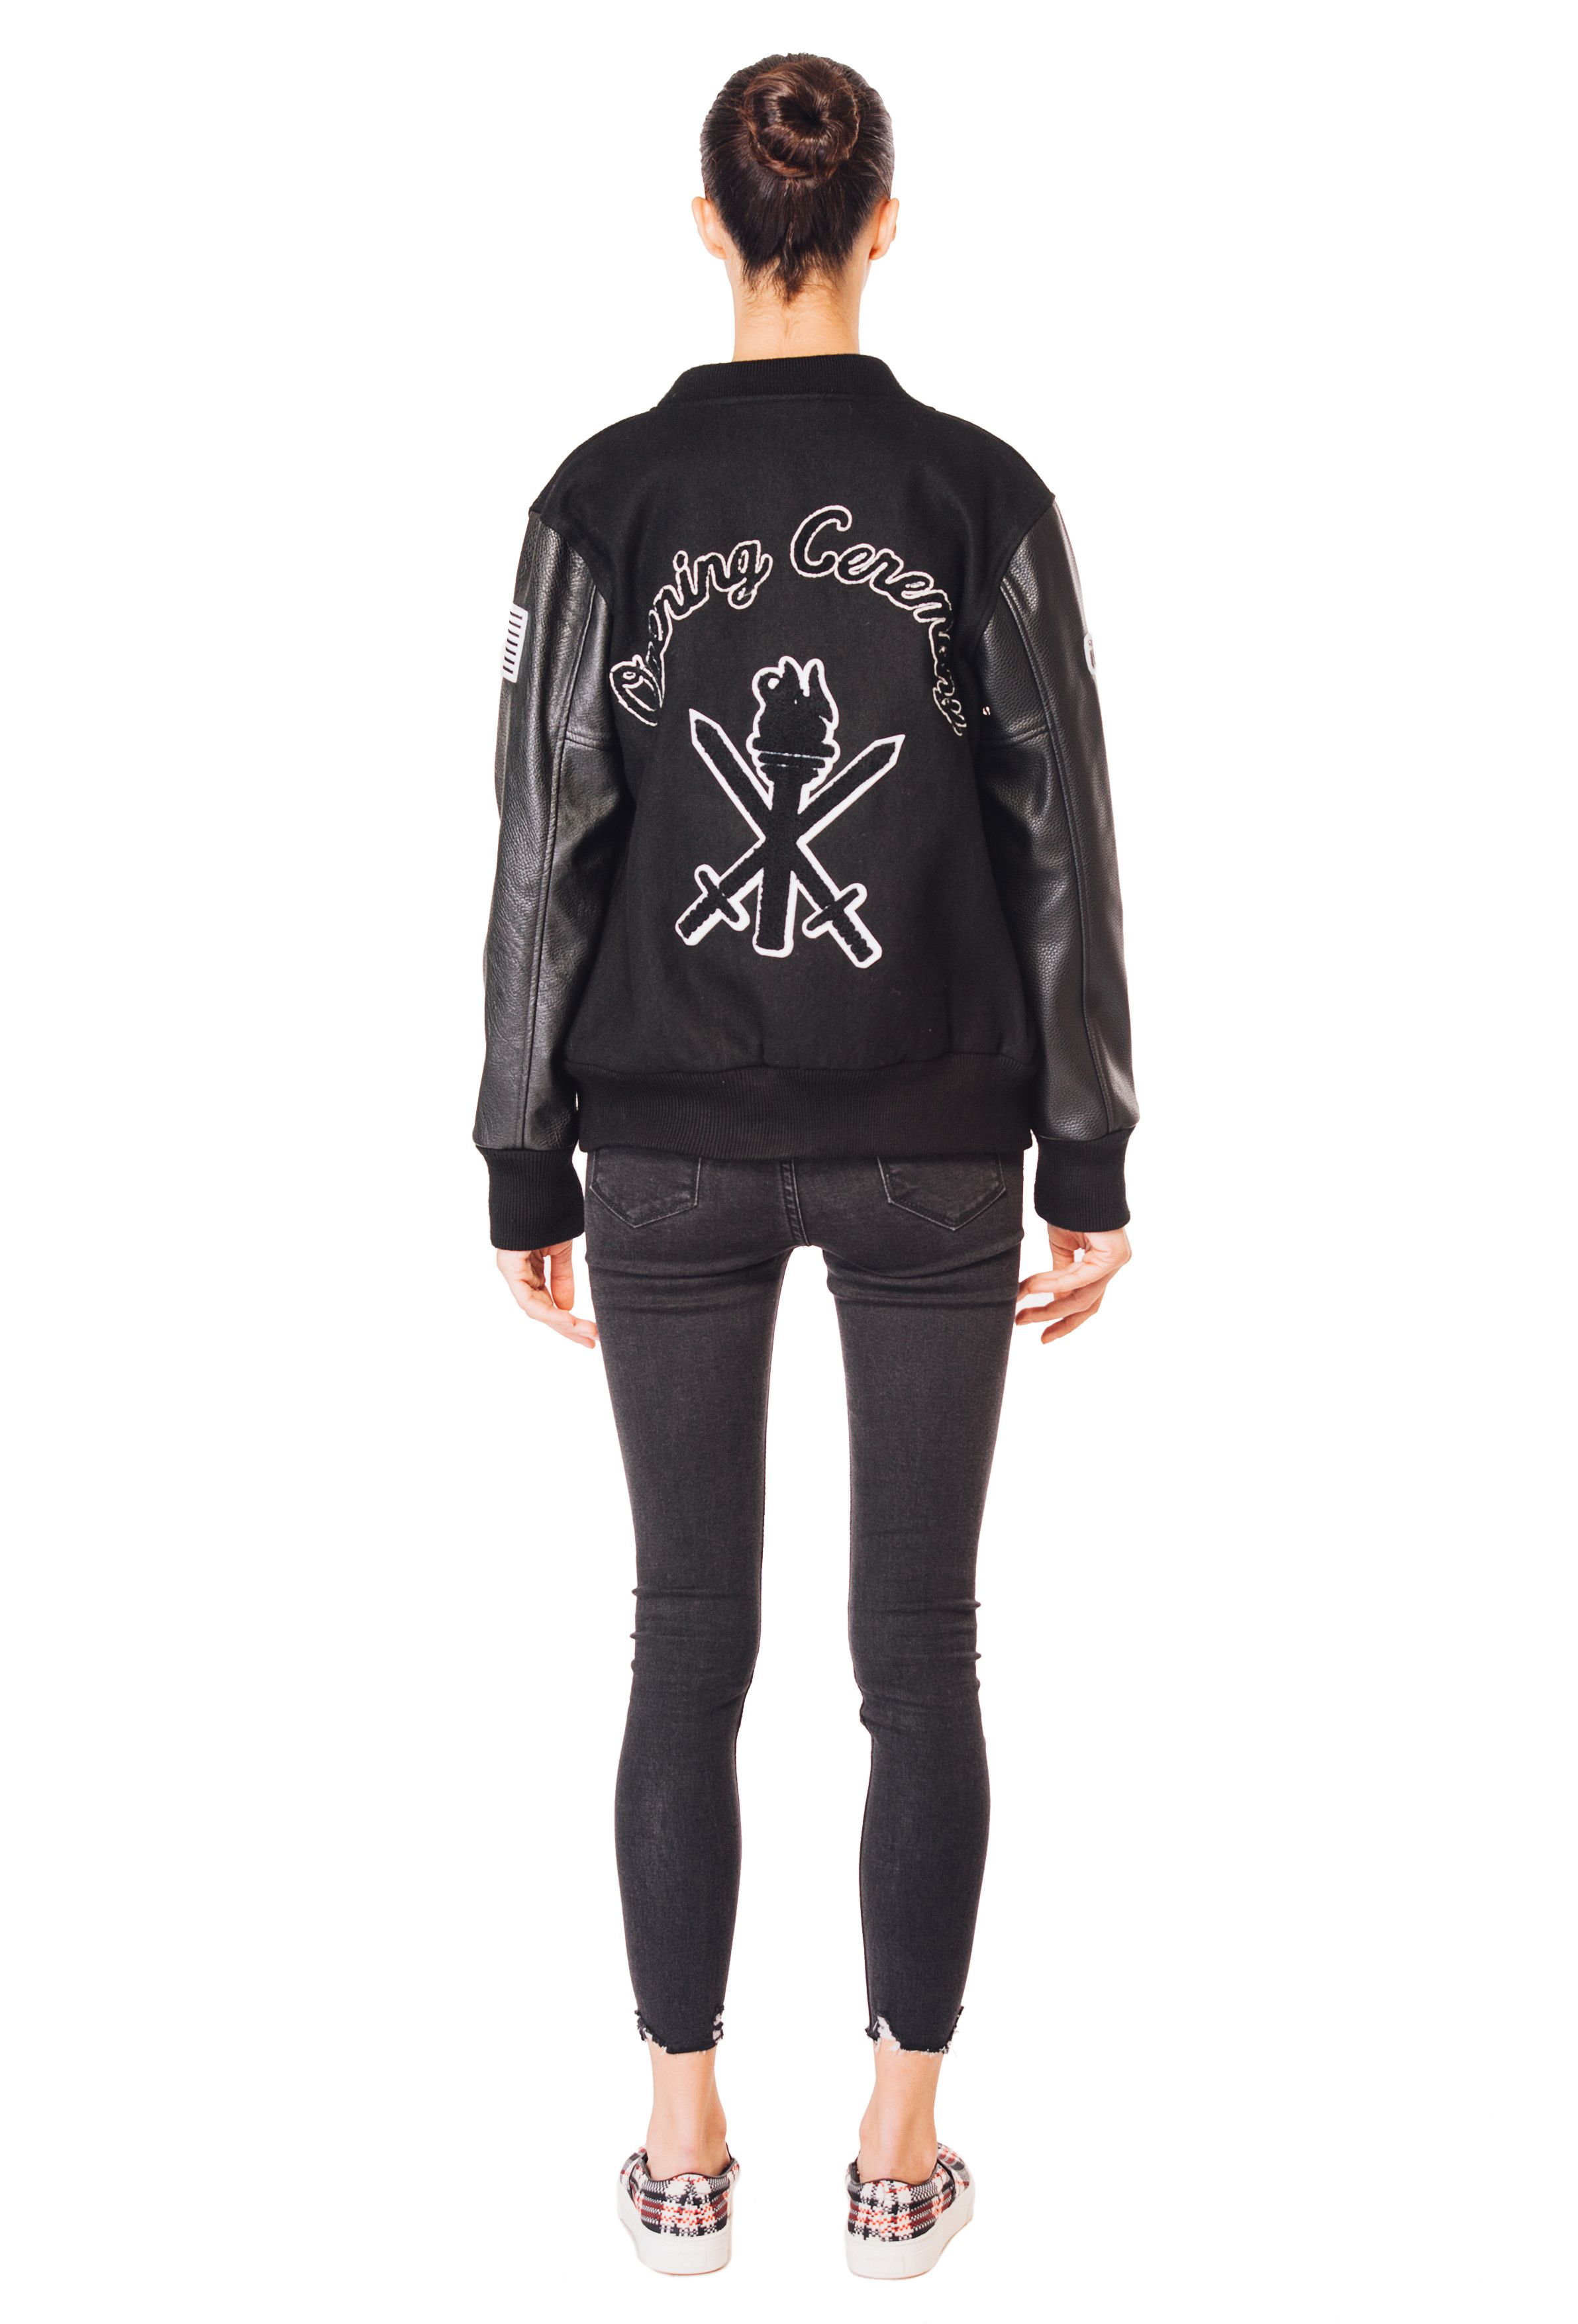 Куртка Givenchy - купить в Украине | интернет-магазин «White Story», Одесса